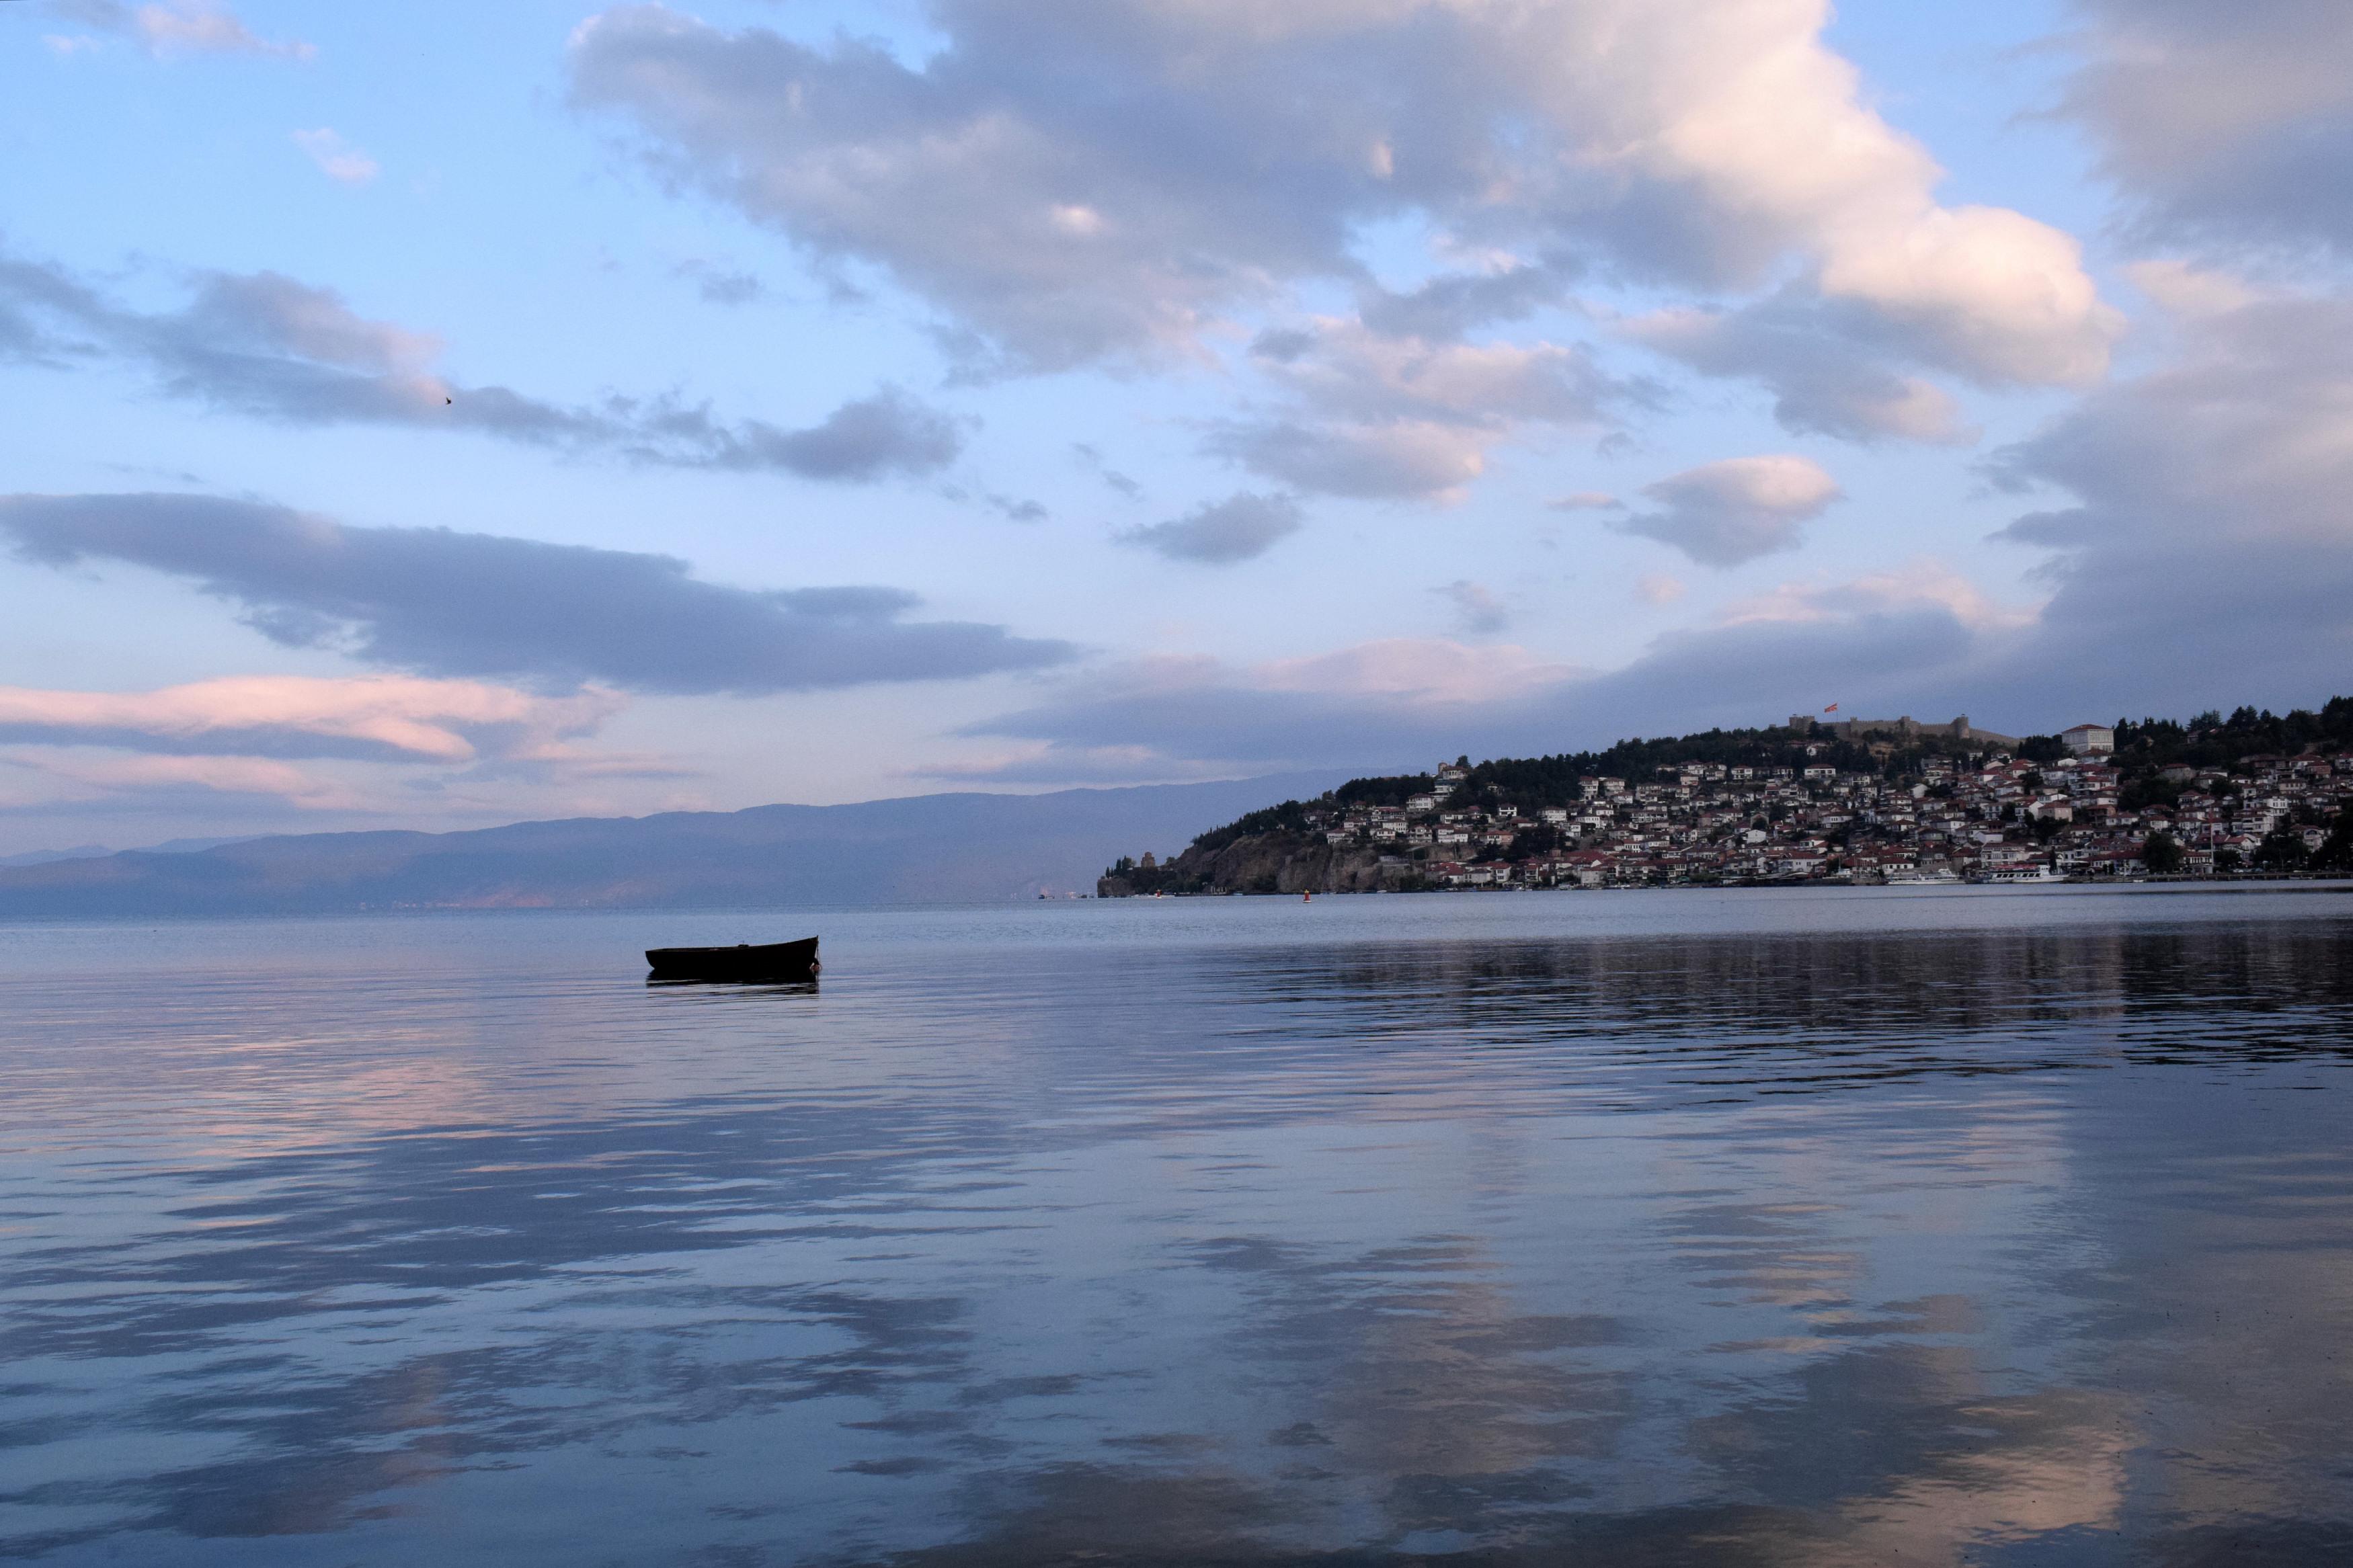 A partról csodás kilátás tárul a szemünk elé.